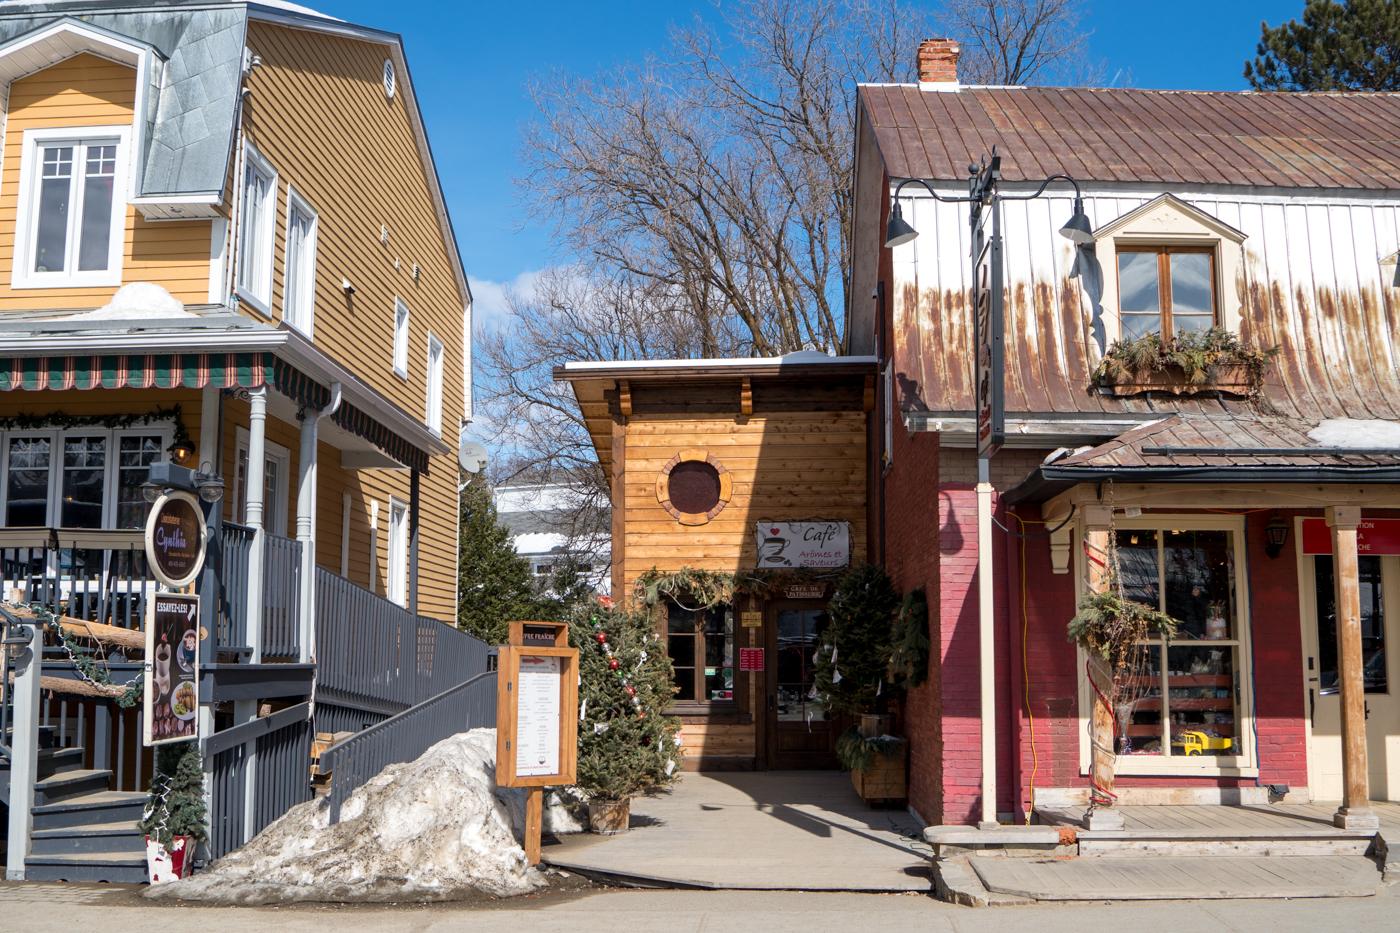 Maisons anciennes de la rue St-Jean-Baptiste de Baie-Saint-Paul